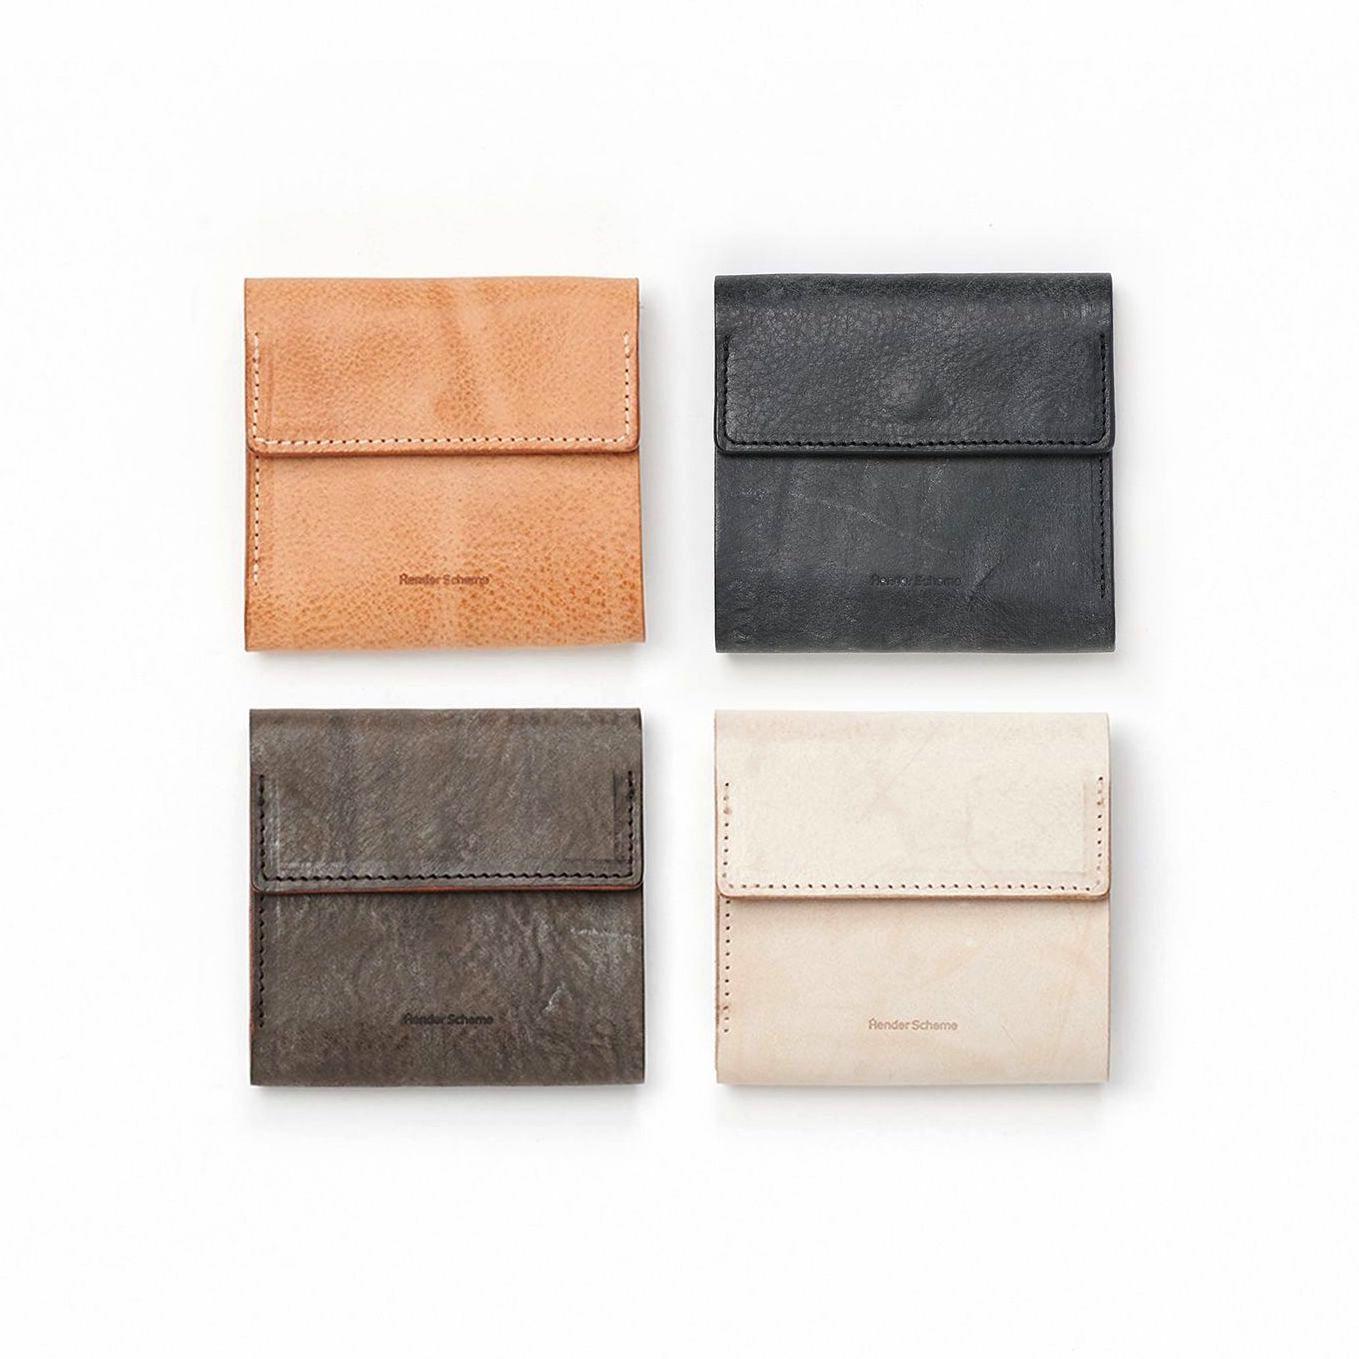 Hender Scheme / clasp wallet